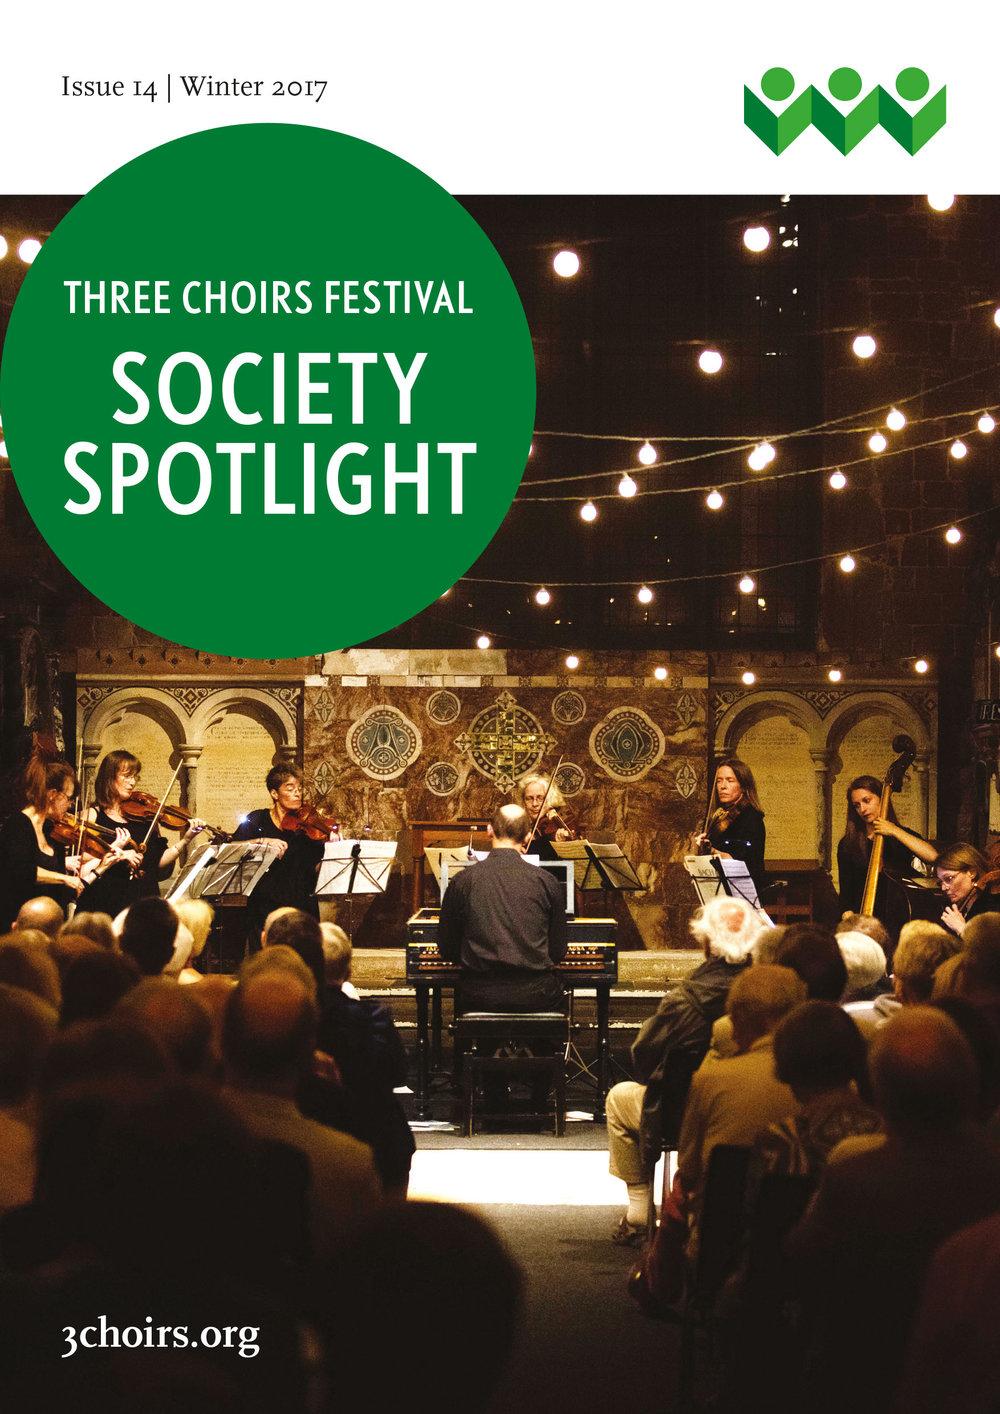 Society-Spotlight-issue-14-v6a.jpg